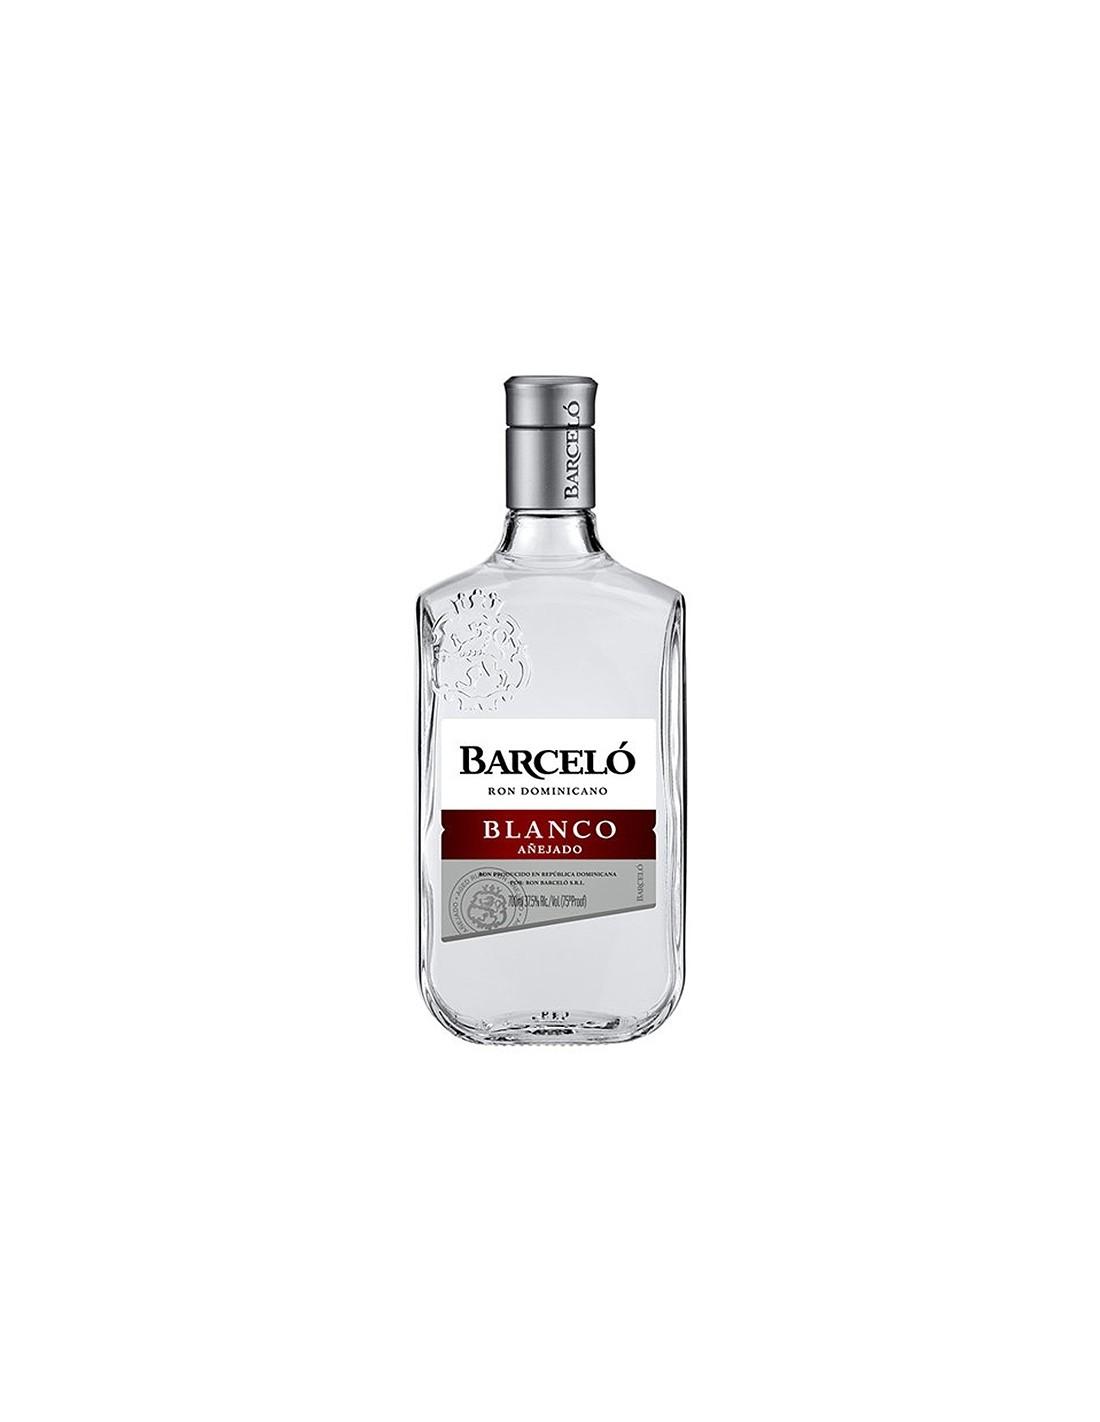 Rom Barcelo Blanco, 37.5% alc., 0.75L, Olanda